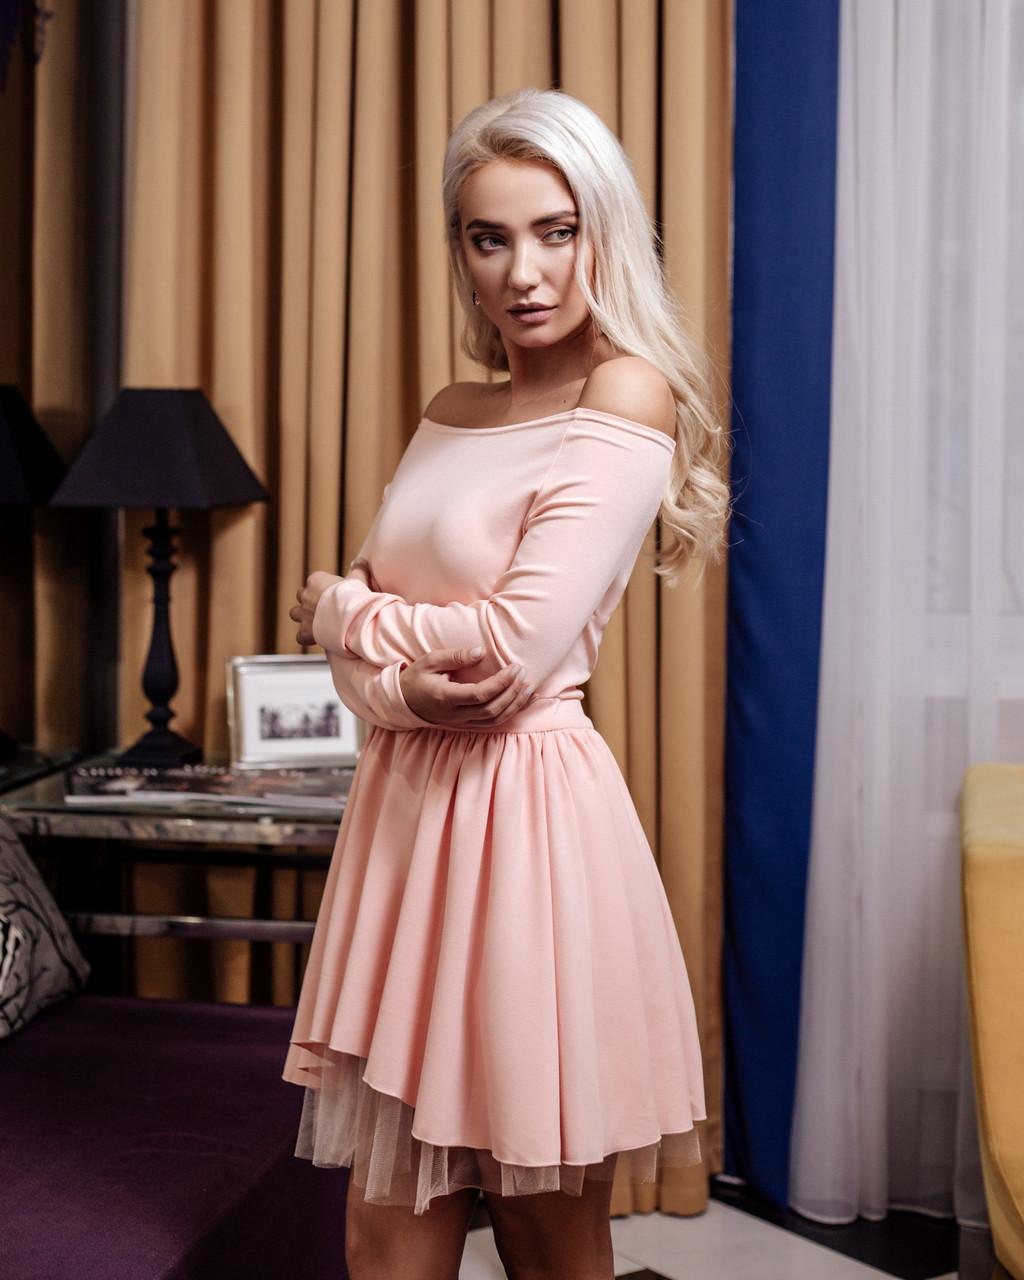 98331b24745f866 Платье Vikifo Каролина s-m пудровое (п 262), цена 740 грн., купить в ...